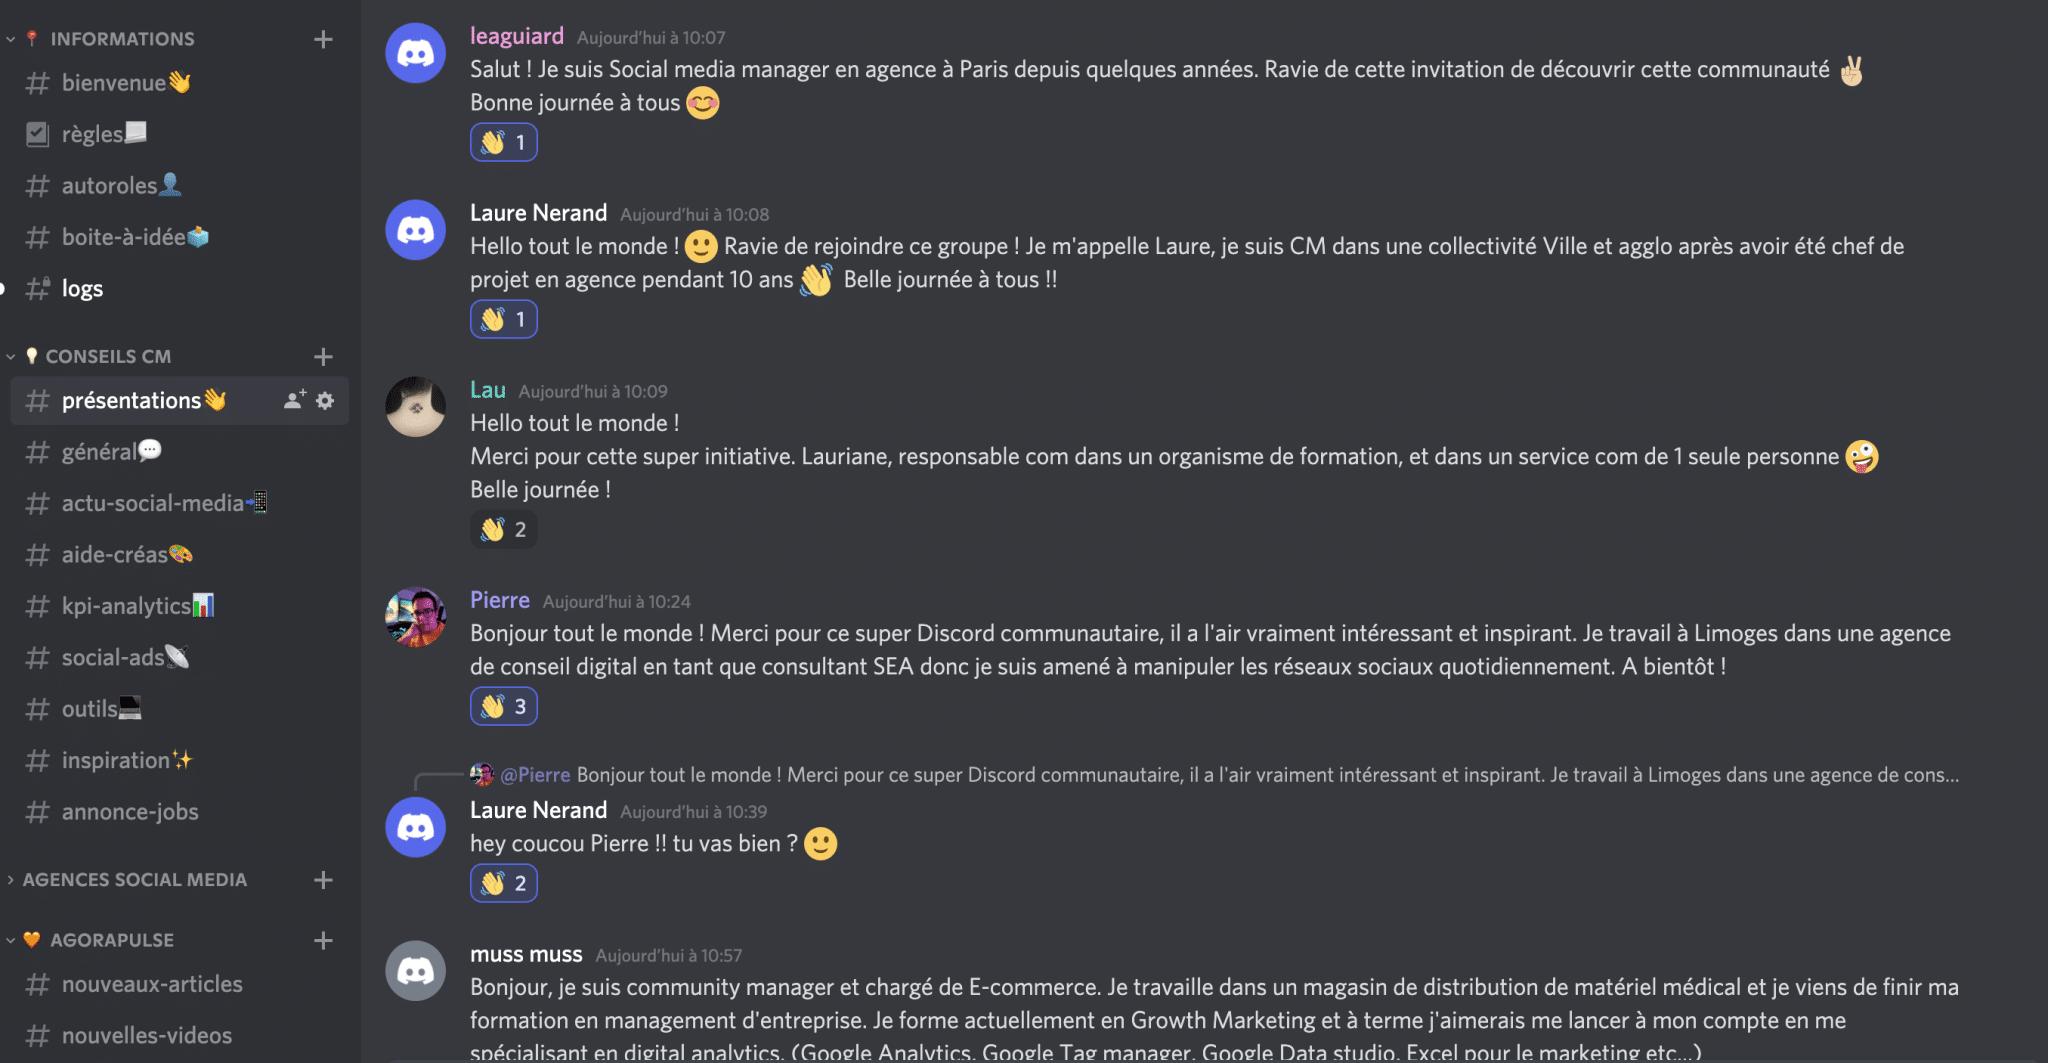 exemples de discussions sur la communauté Discord des communitys lanagers